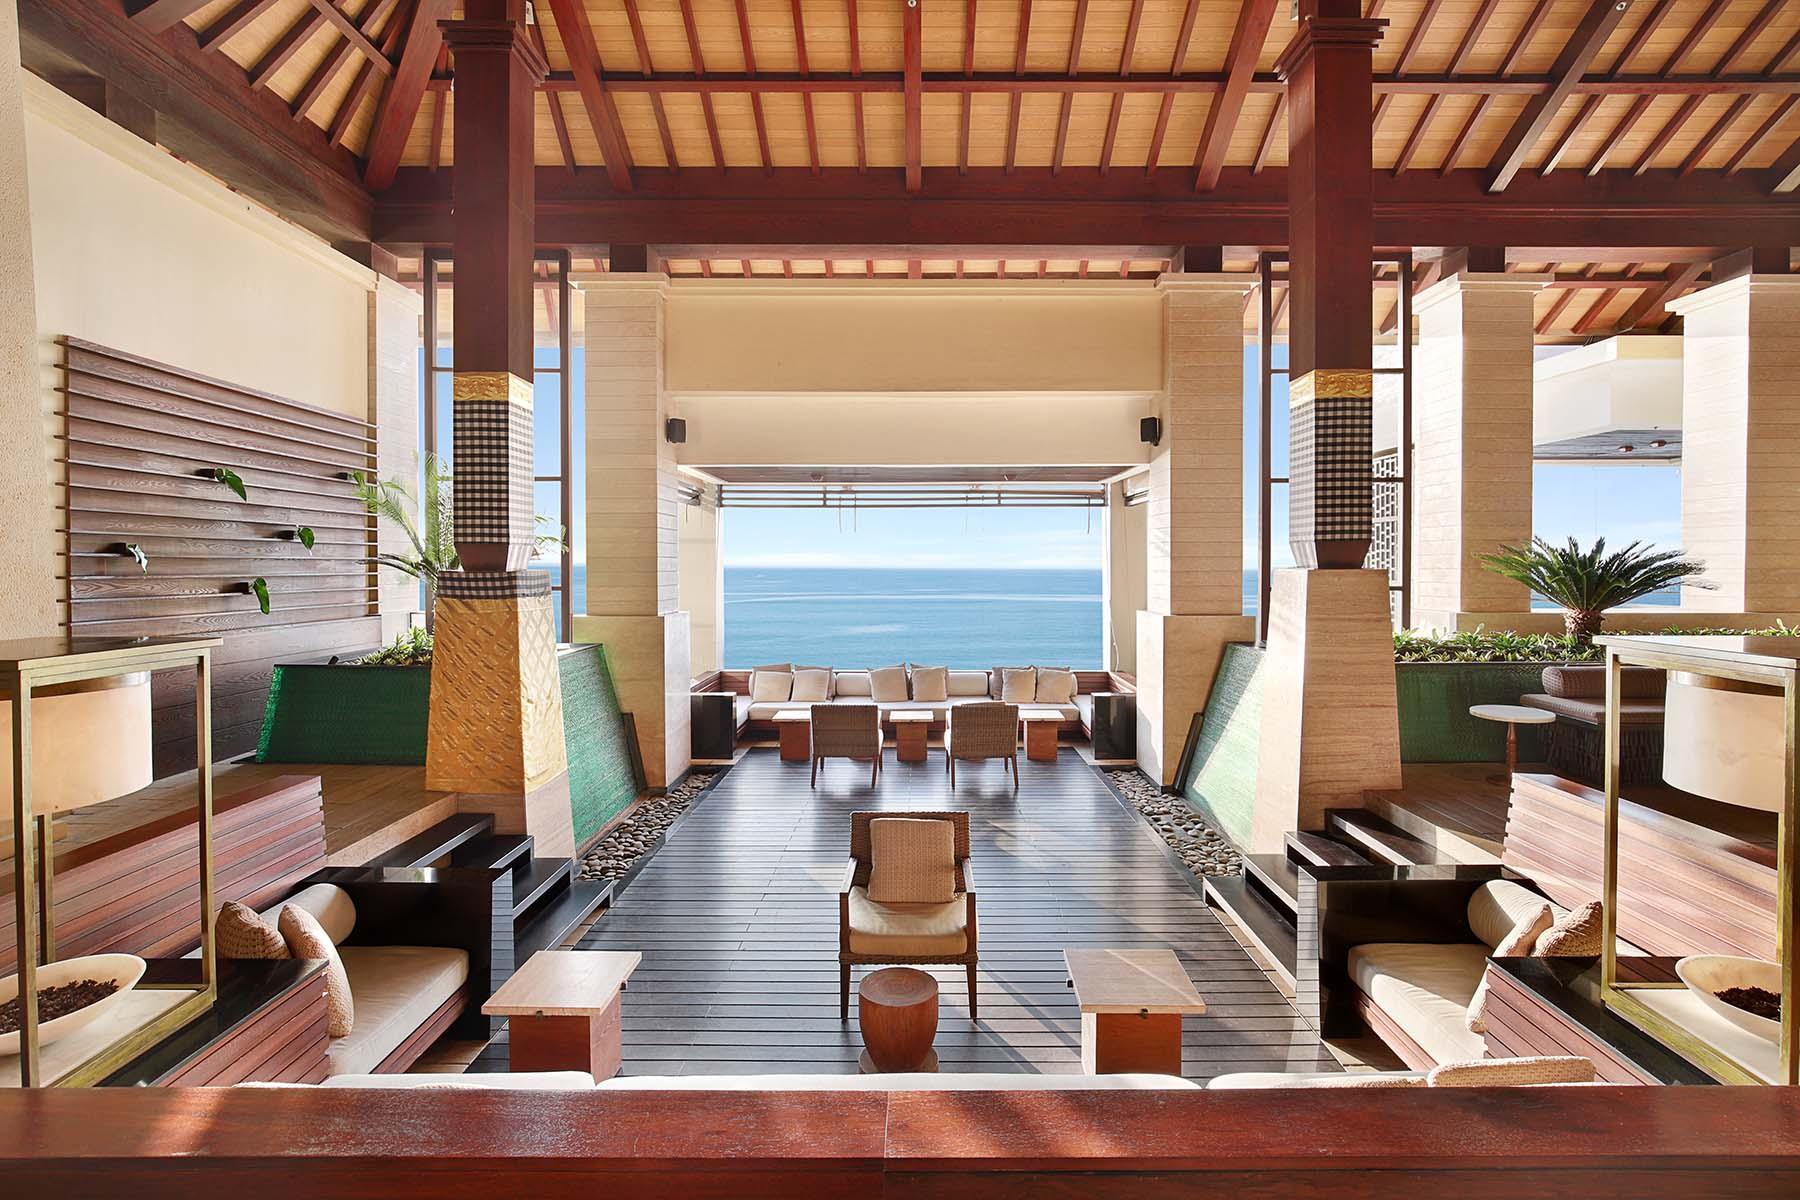 09Ritz Carlton Bali9